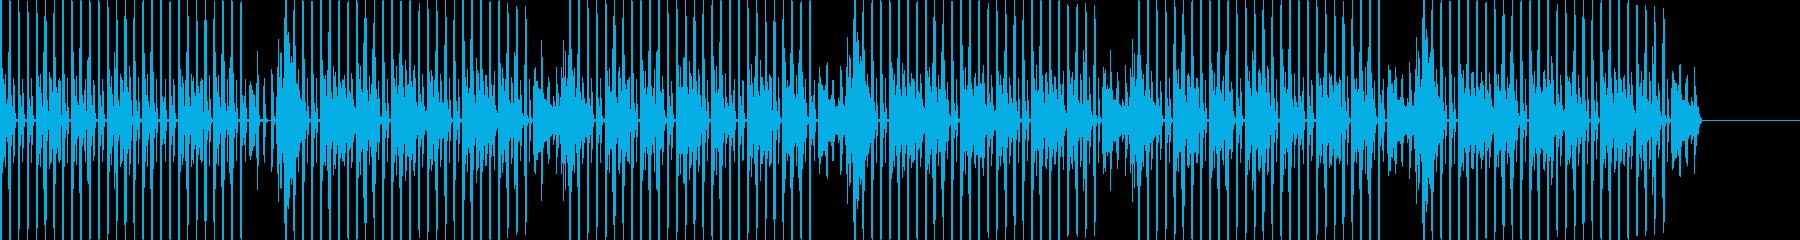 ブラスが印象的なリズミカルな曲の再生済みの波形